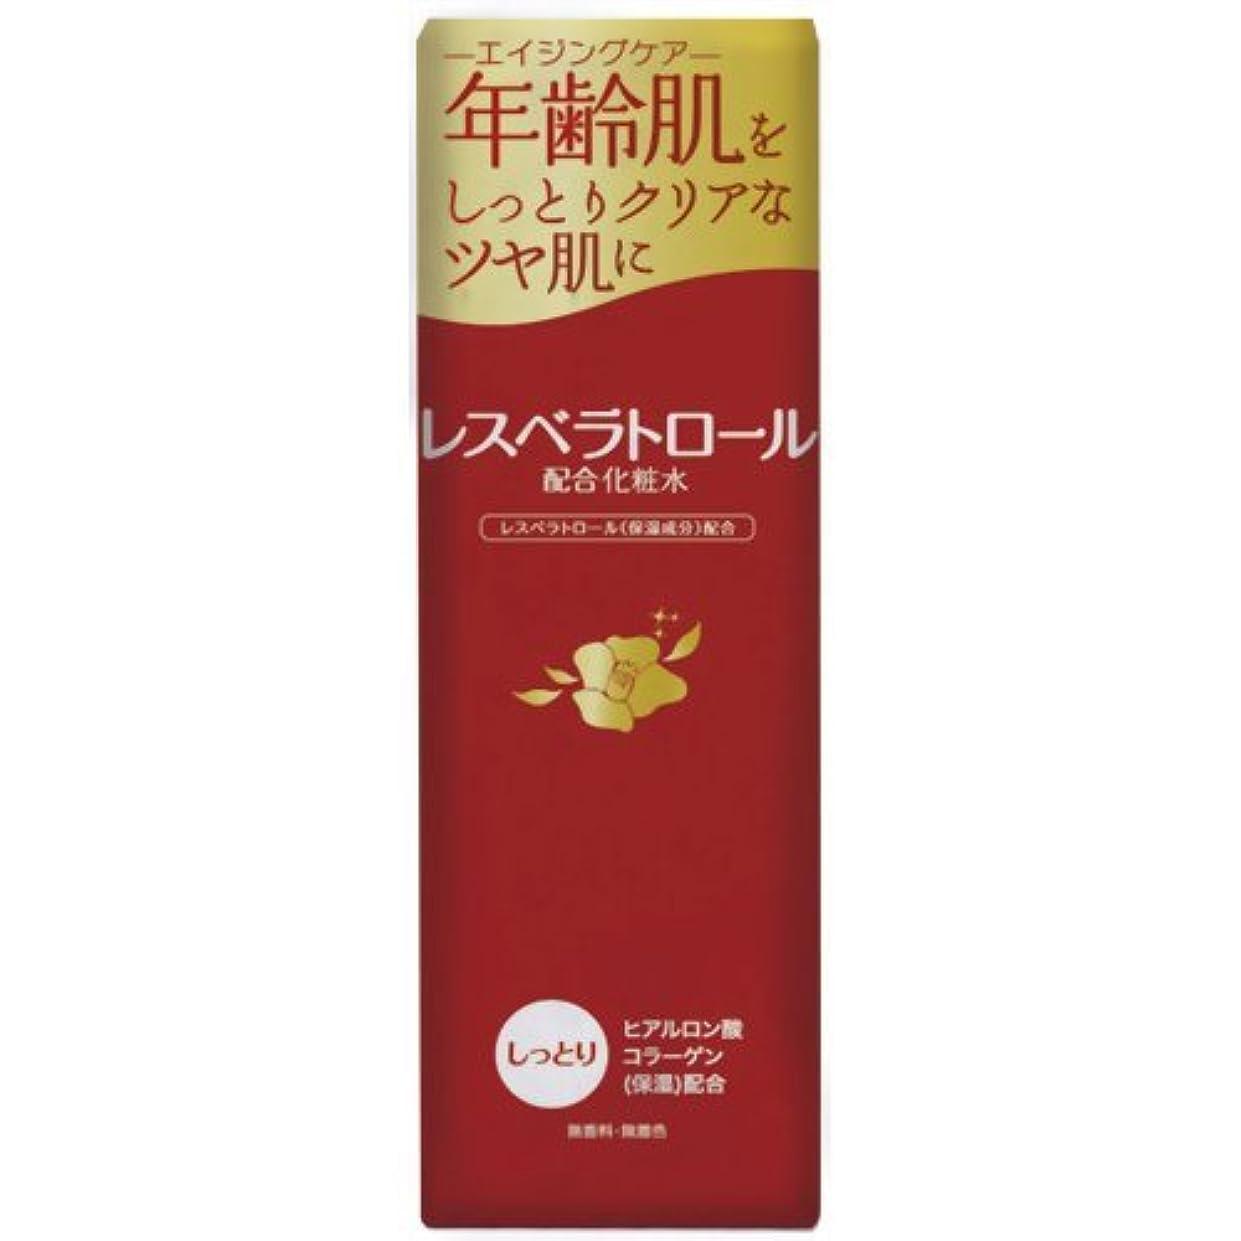 好きである競争疲労レスベラトロール化粧水 150ml